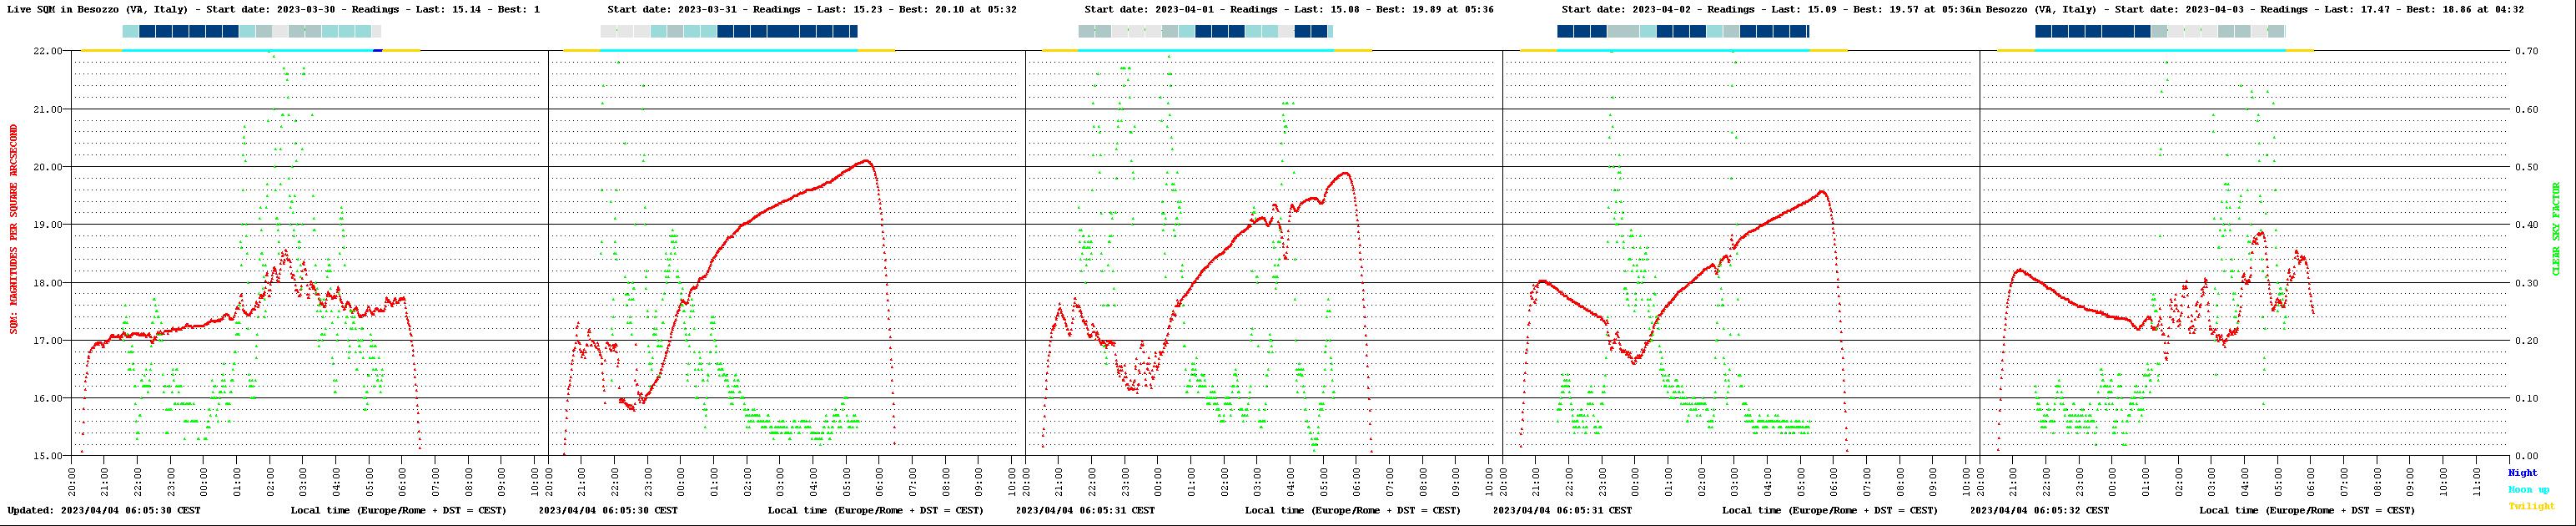 sqm_chart-en